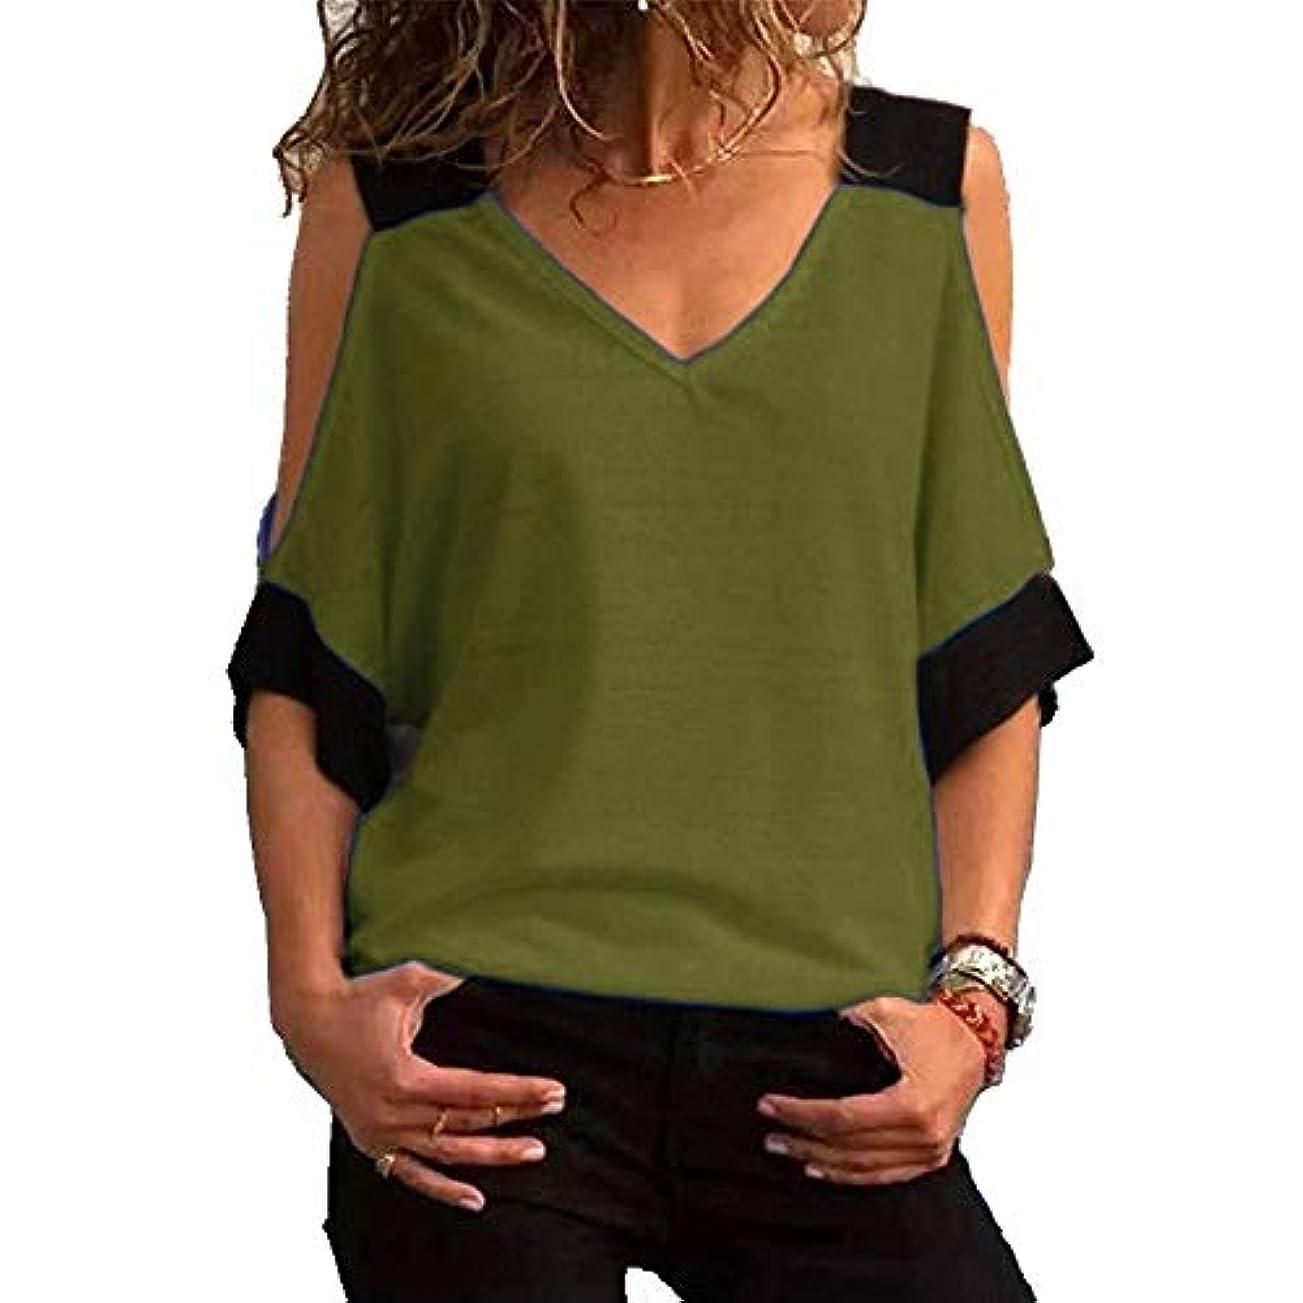 裕福な追放包帯MIFAN女性ファッションカジュアルトップス女性ショルダーブラウスコットンTシャツディープVネック半袖